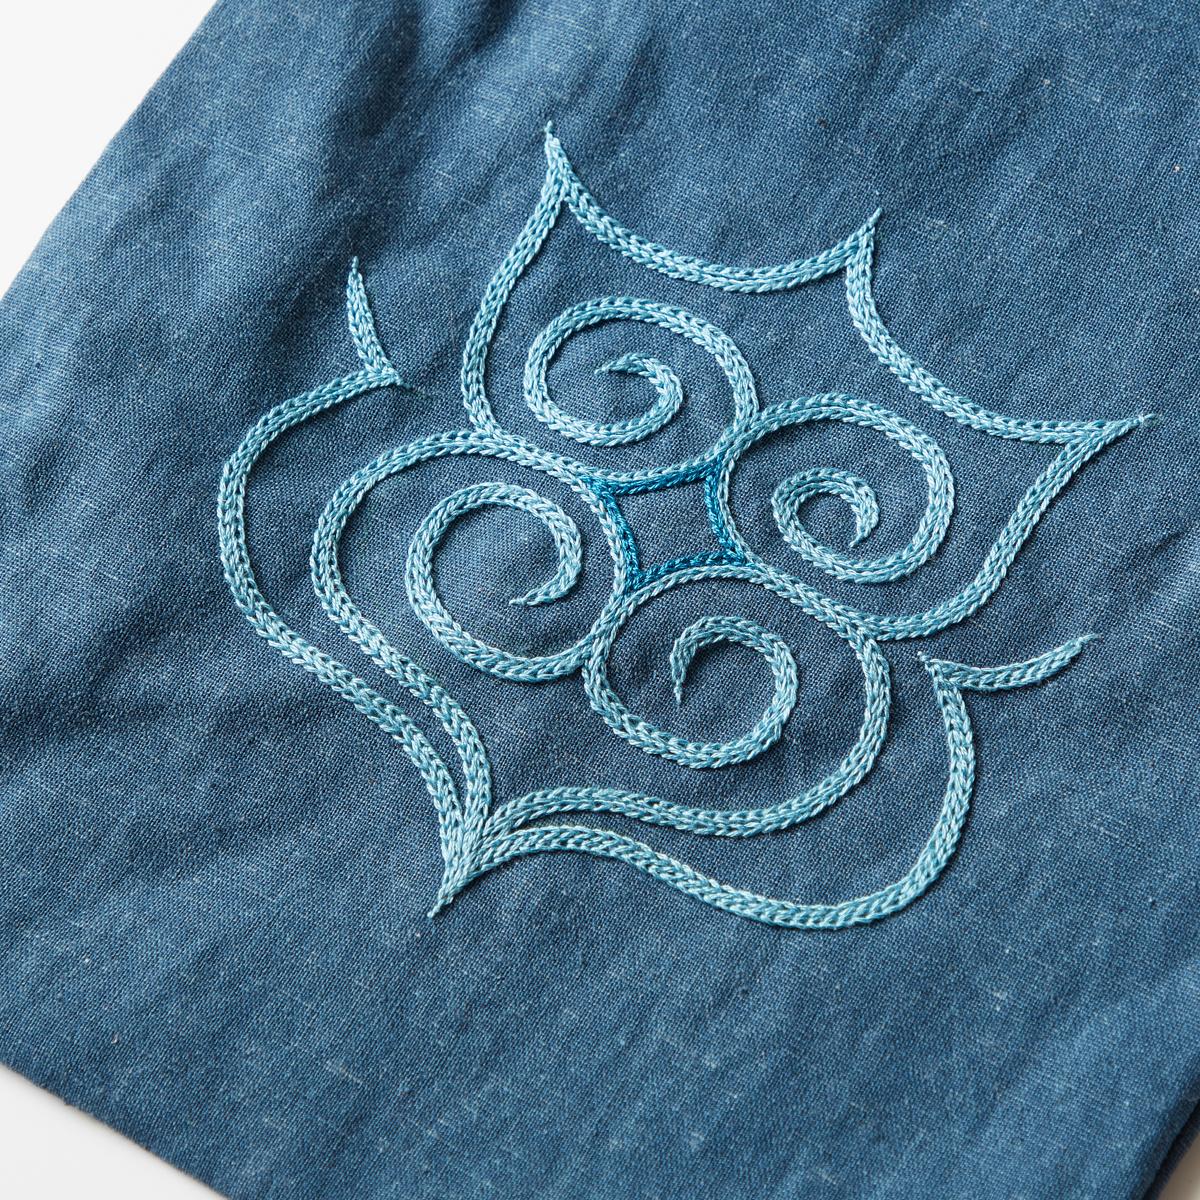 身を守る魔除けの刺繍を、現代的なアイテムで。